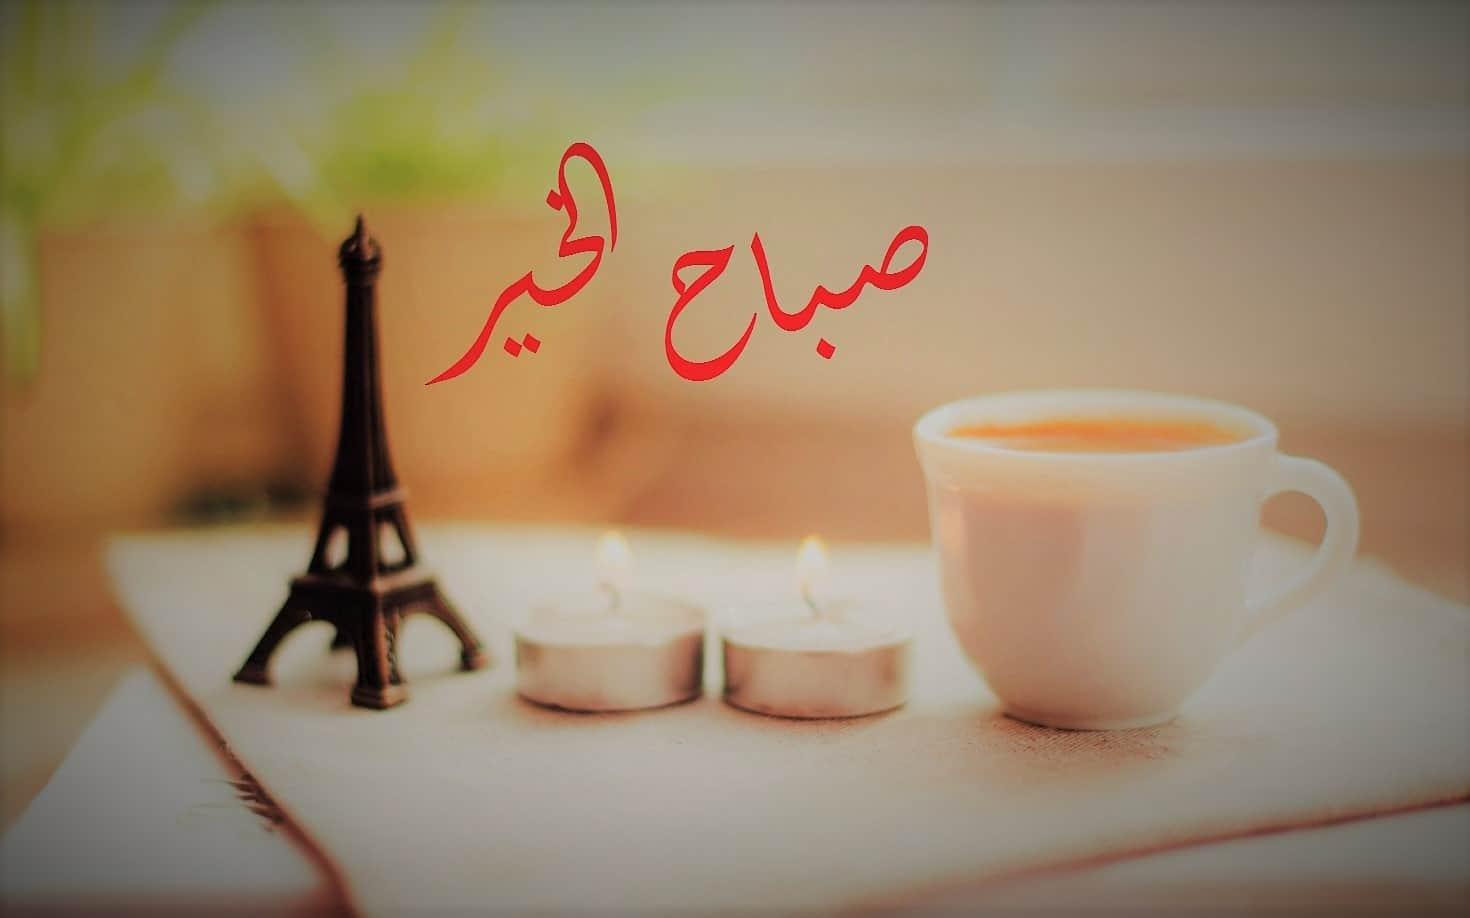 صورة كلام عن صباح الخير , استخدامات كثيرة ومتنوعه للصباح 6248 3